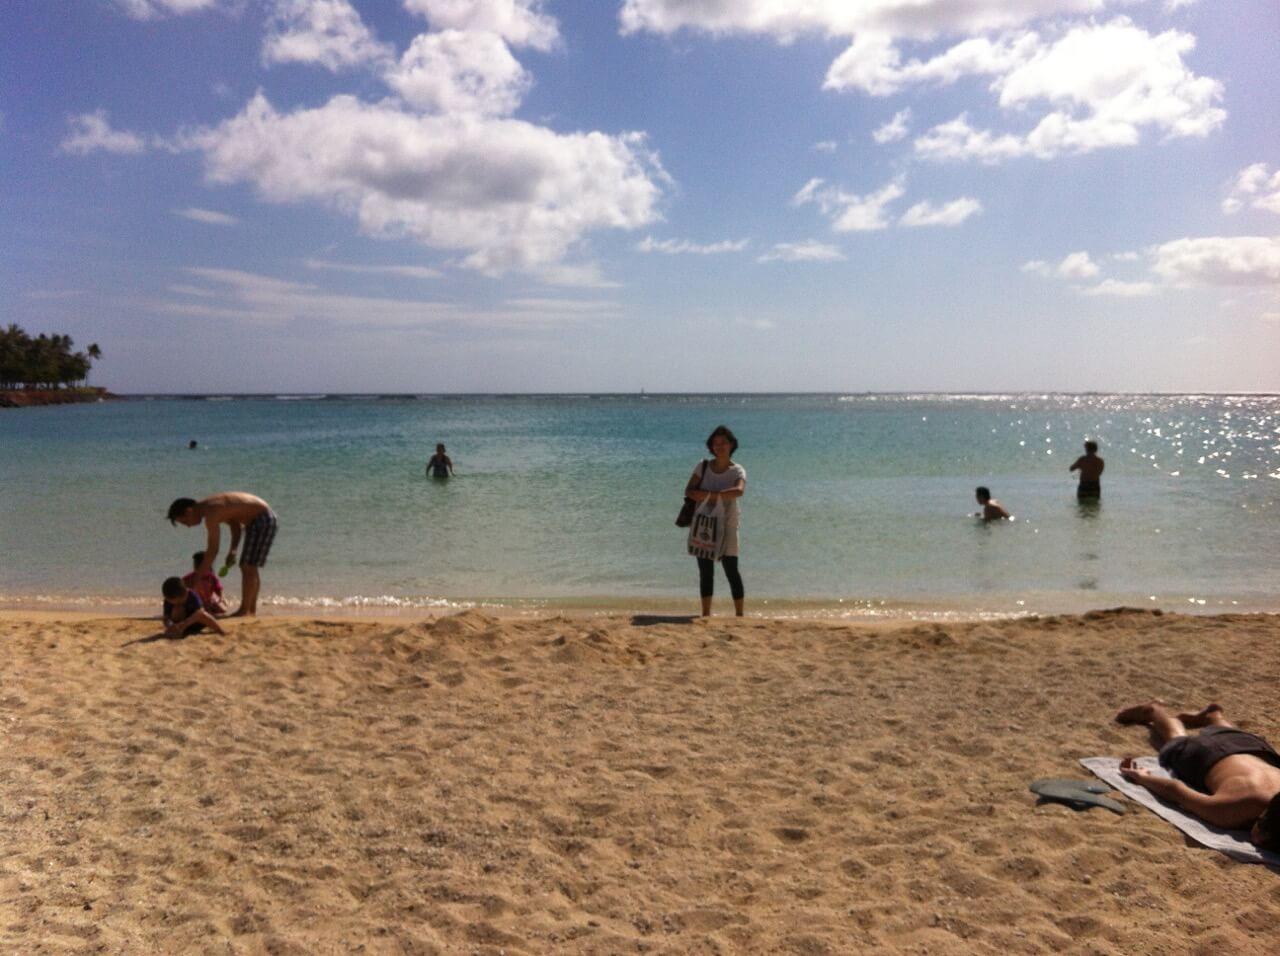 ハワイで大家:2012年移住した当日アラモアナビーチに行ったw